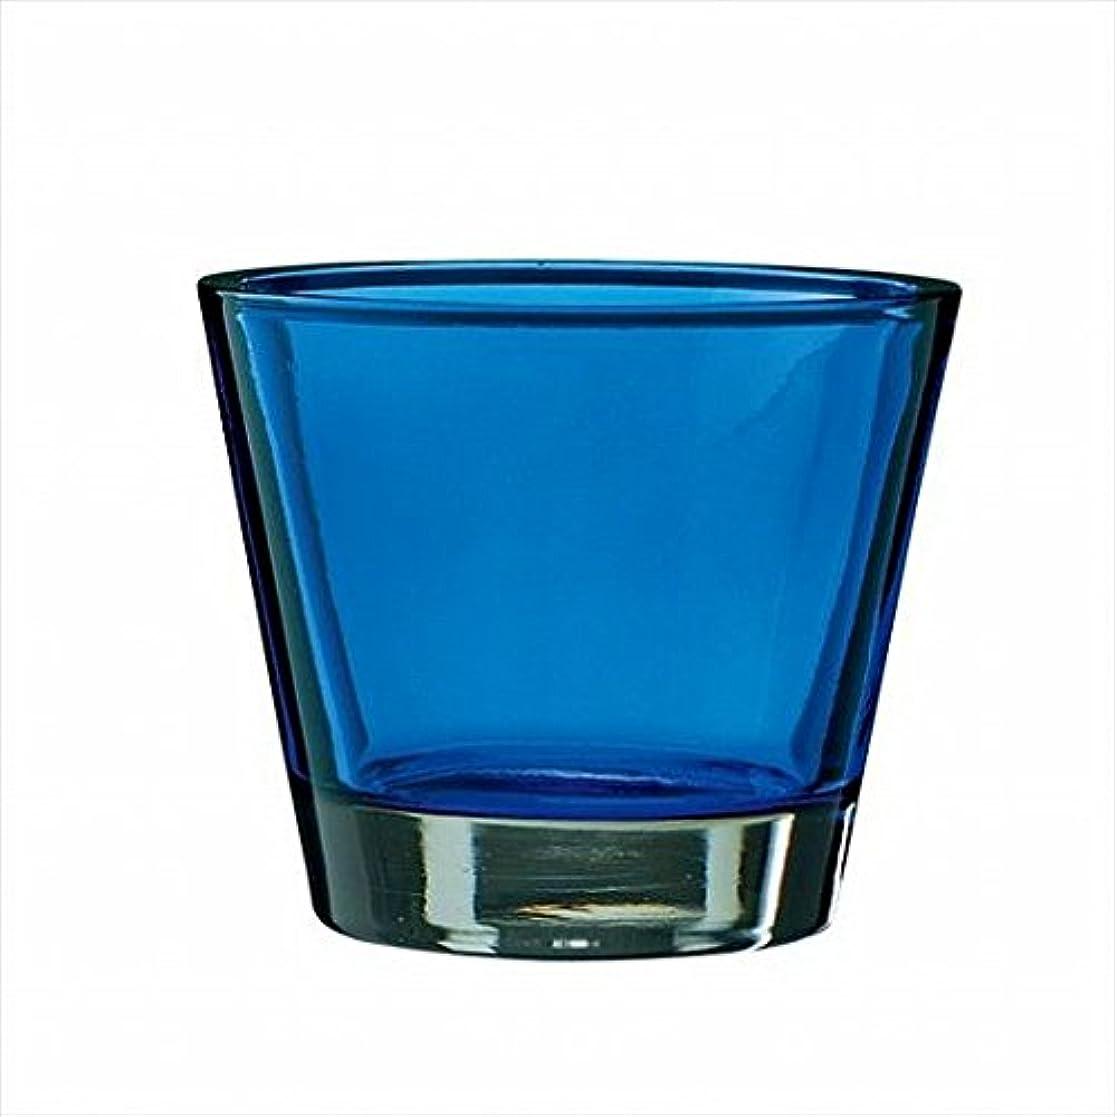 シャワーせがむ路面電車kameyama candle(カメヤマキャンドル) カラリス 「 ブルー 」 キャンドル 82x82x70mm (J2540000B)